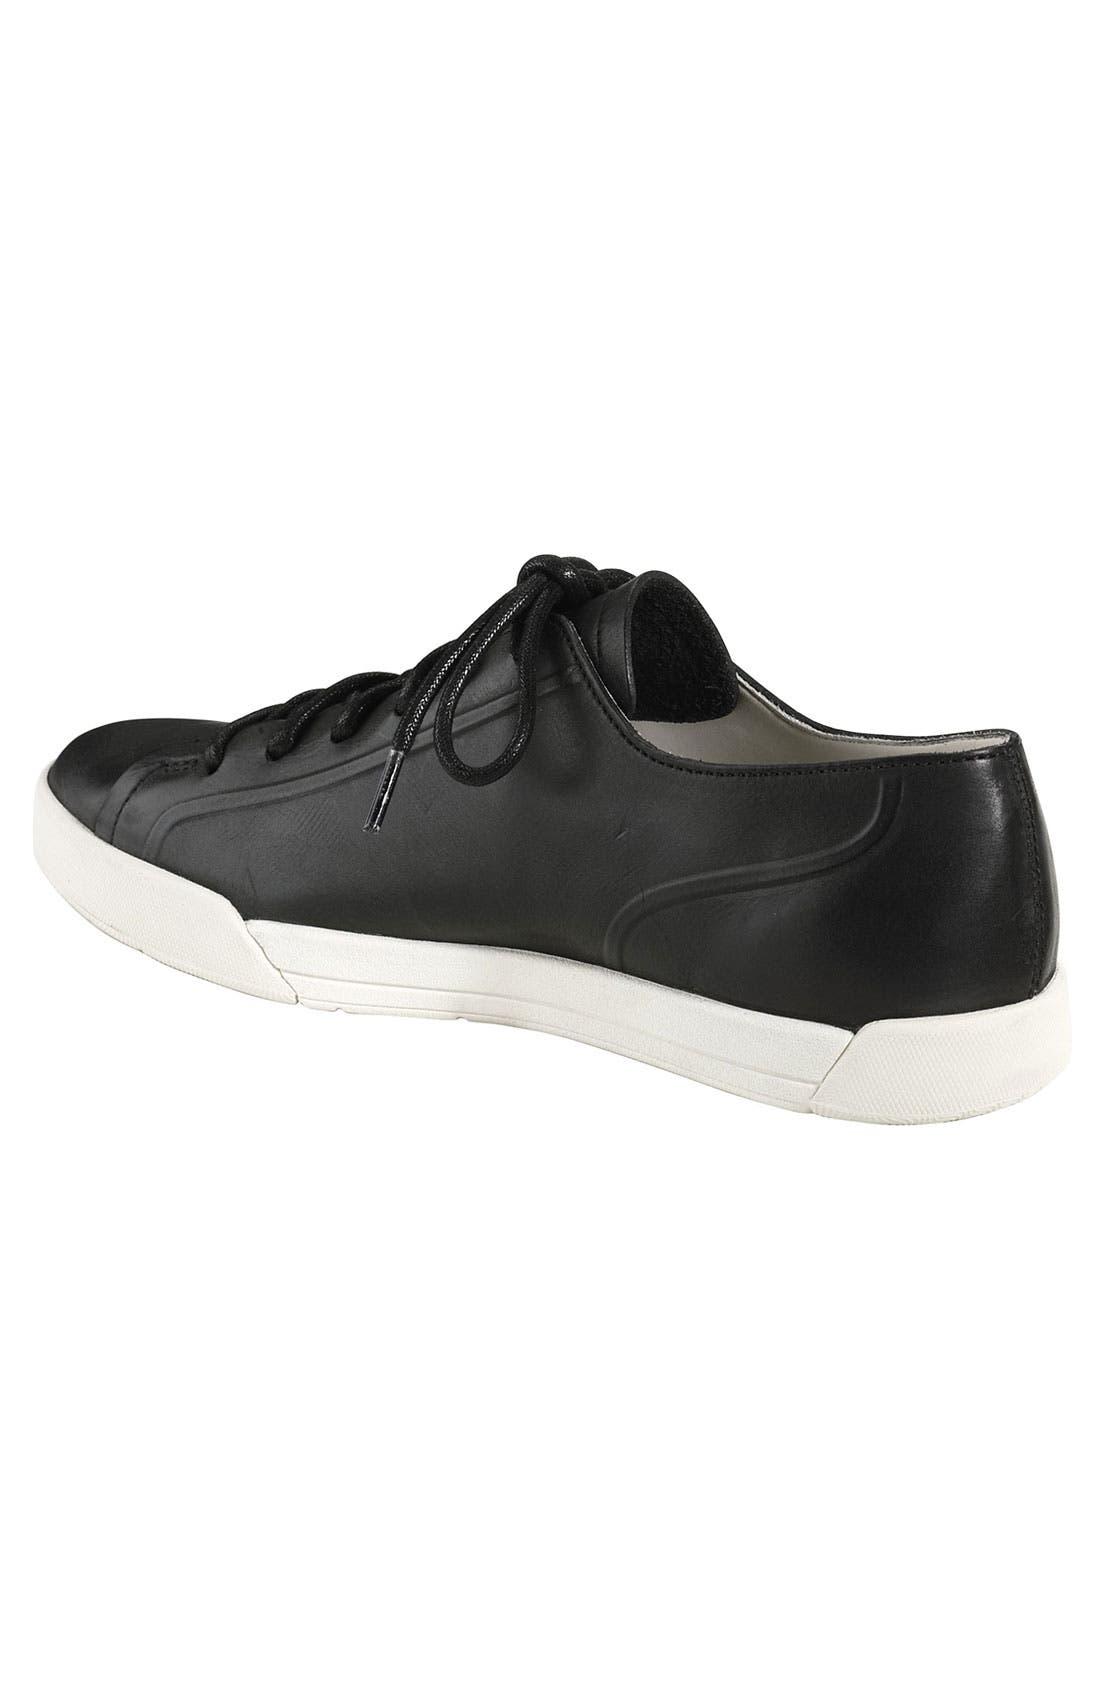 Alternate Image 2  - Cole Haan 'Air Jasper Low' Sneaker